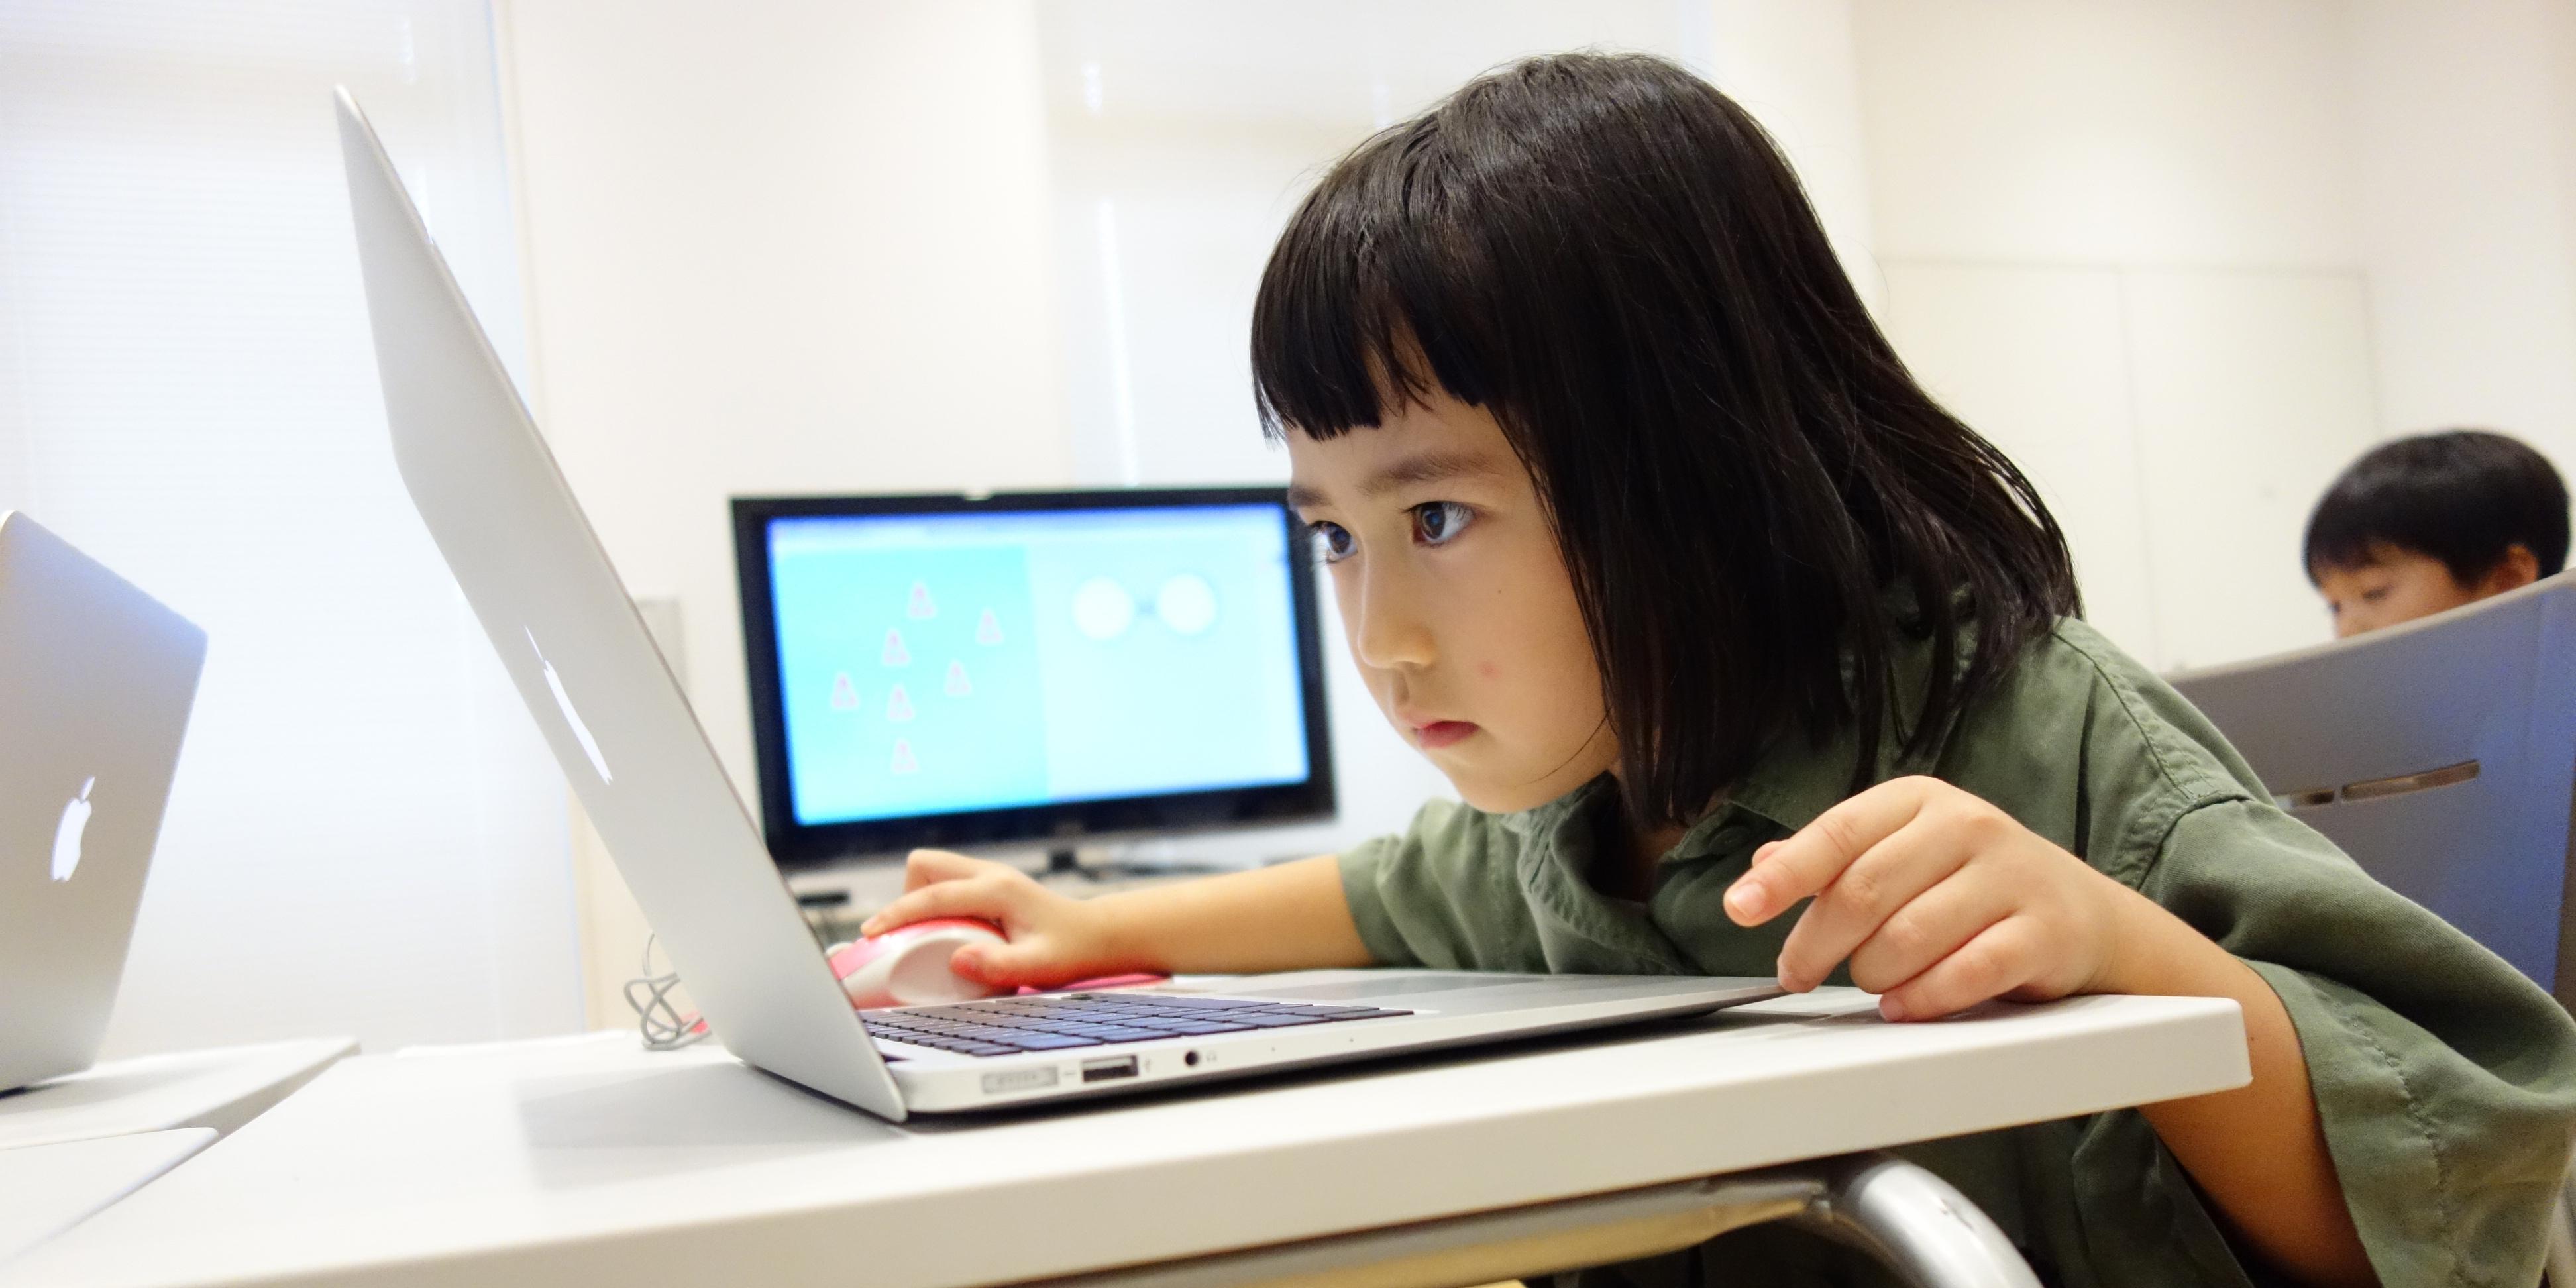 【11/11・11/18(土)・体験イベント】「はじめてのプログラミング」を開催します